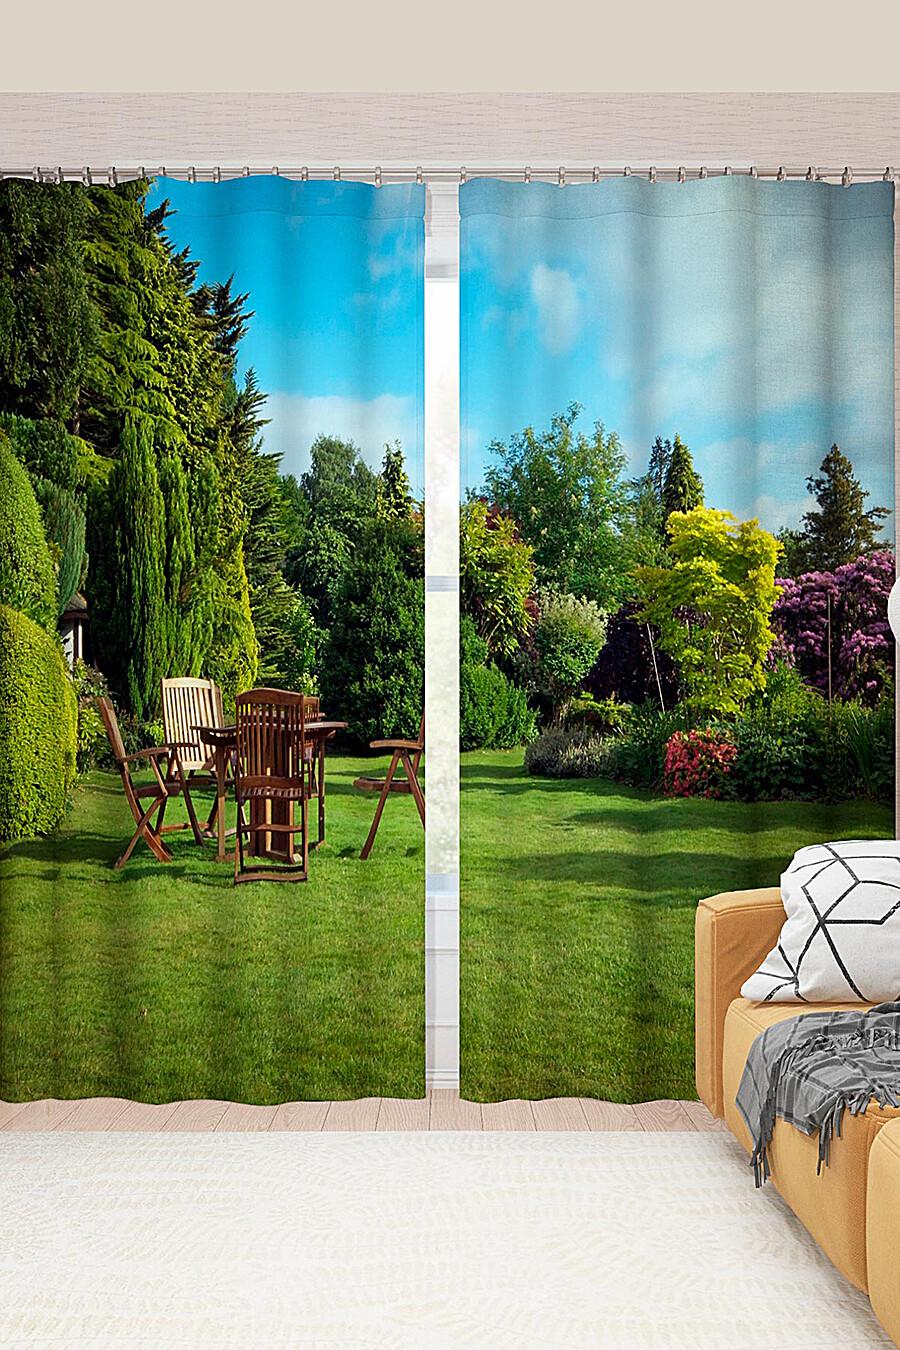 Фотошторы для дома ART HOME TEXTILE 123505 купить оптом от производителя. Совместная покупка товаров для дома в OptMoyo